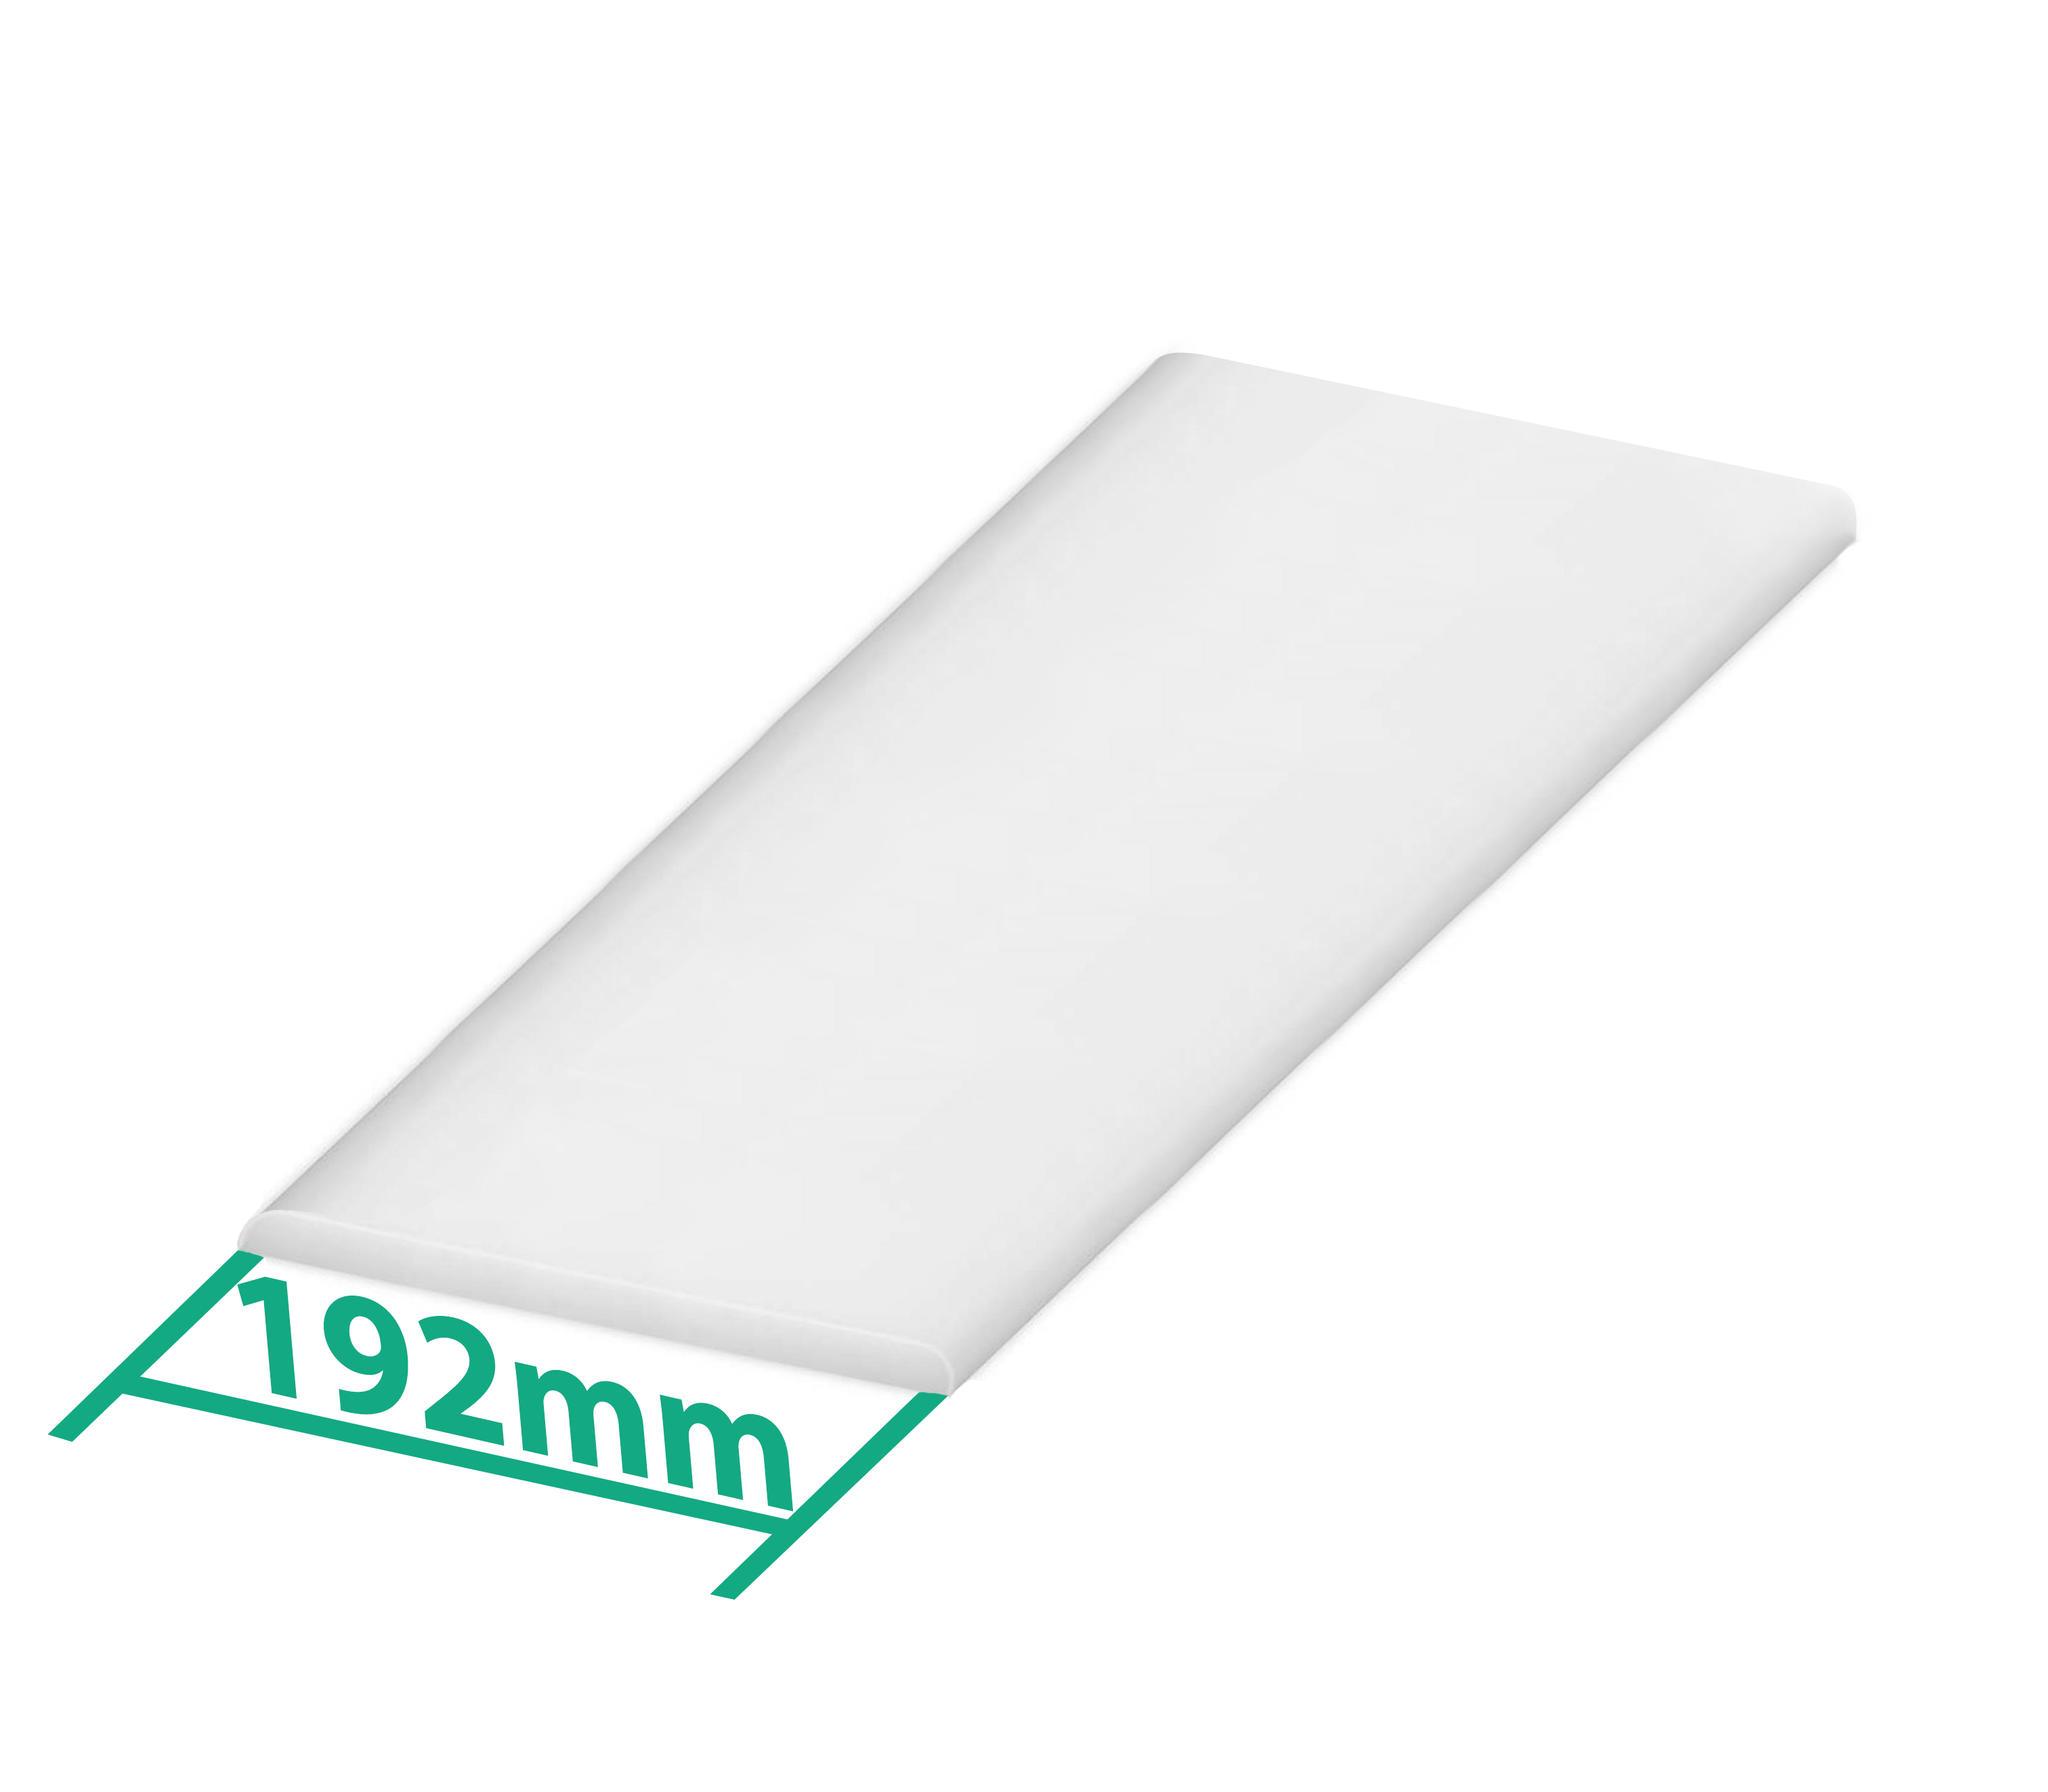 Rammschutz pe online kaufen mit preisgarantie kunststoffplatten und spuckschutz online kaufen - Wandschutz kunststoff ...